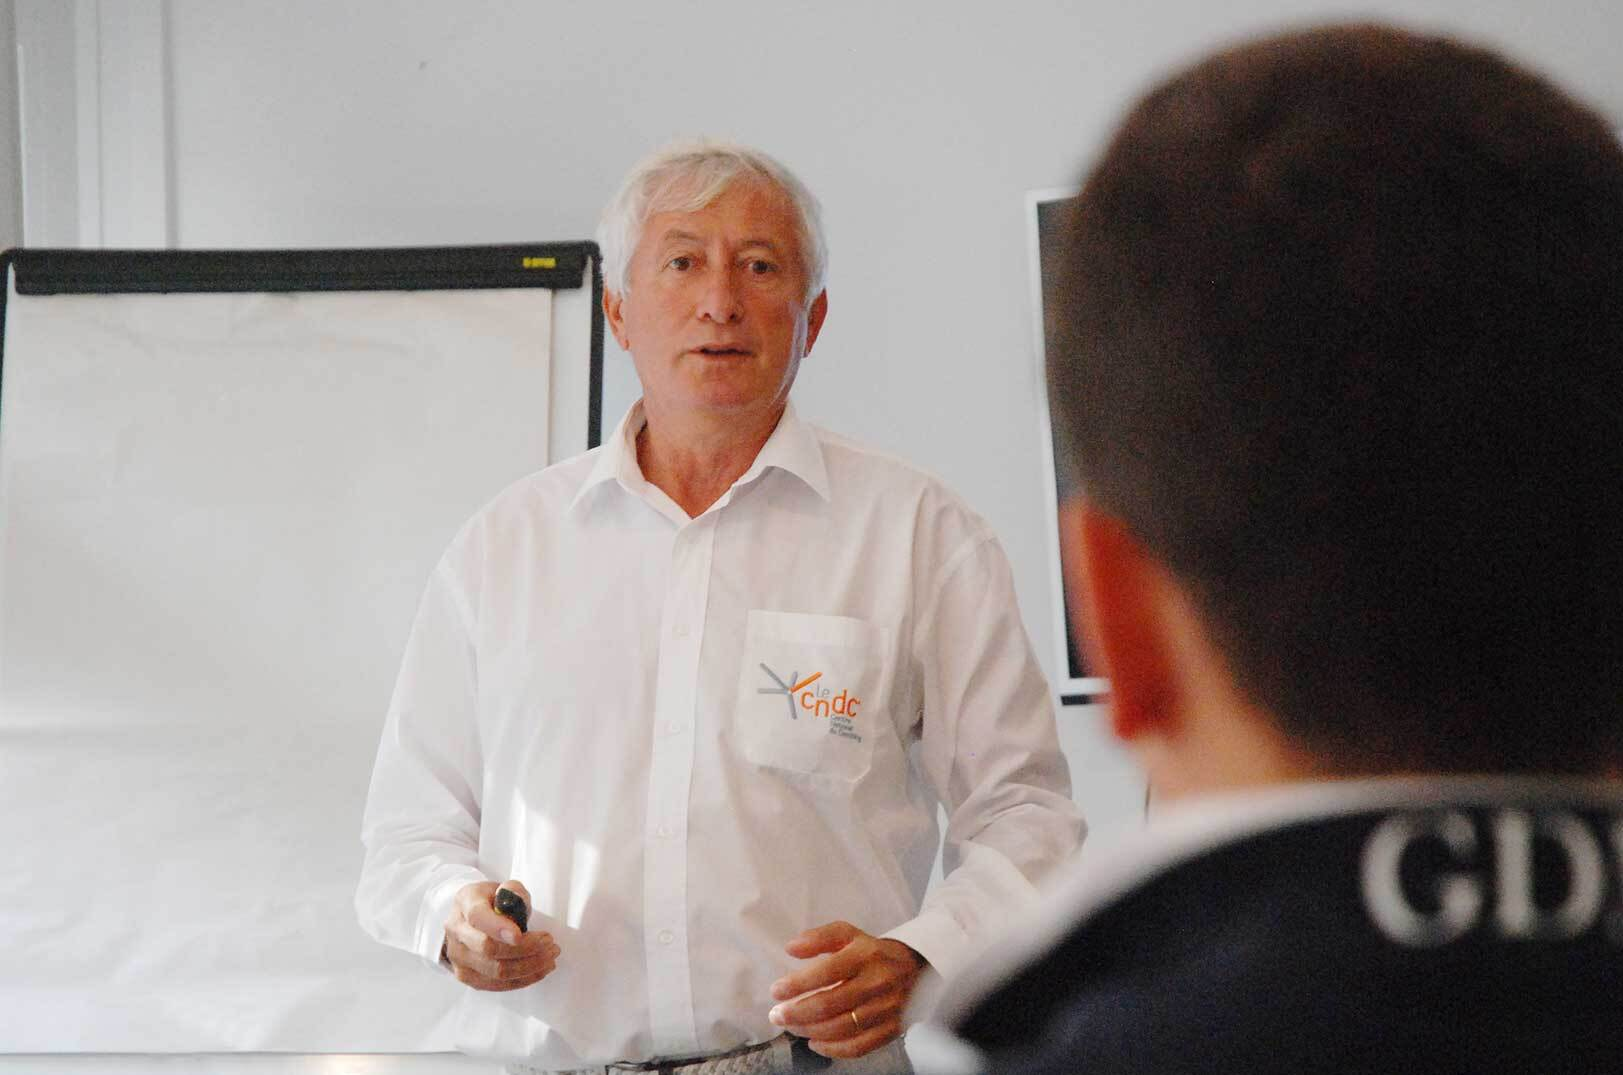 Georges Druon, coach fondateur leCNDC